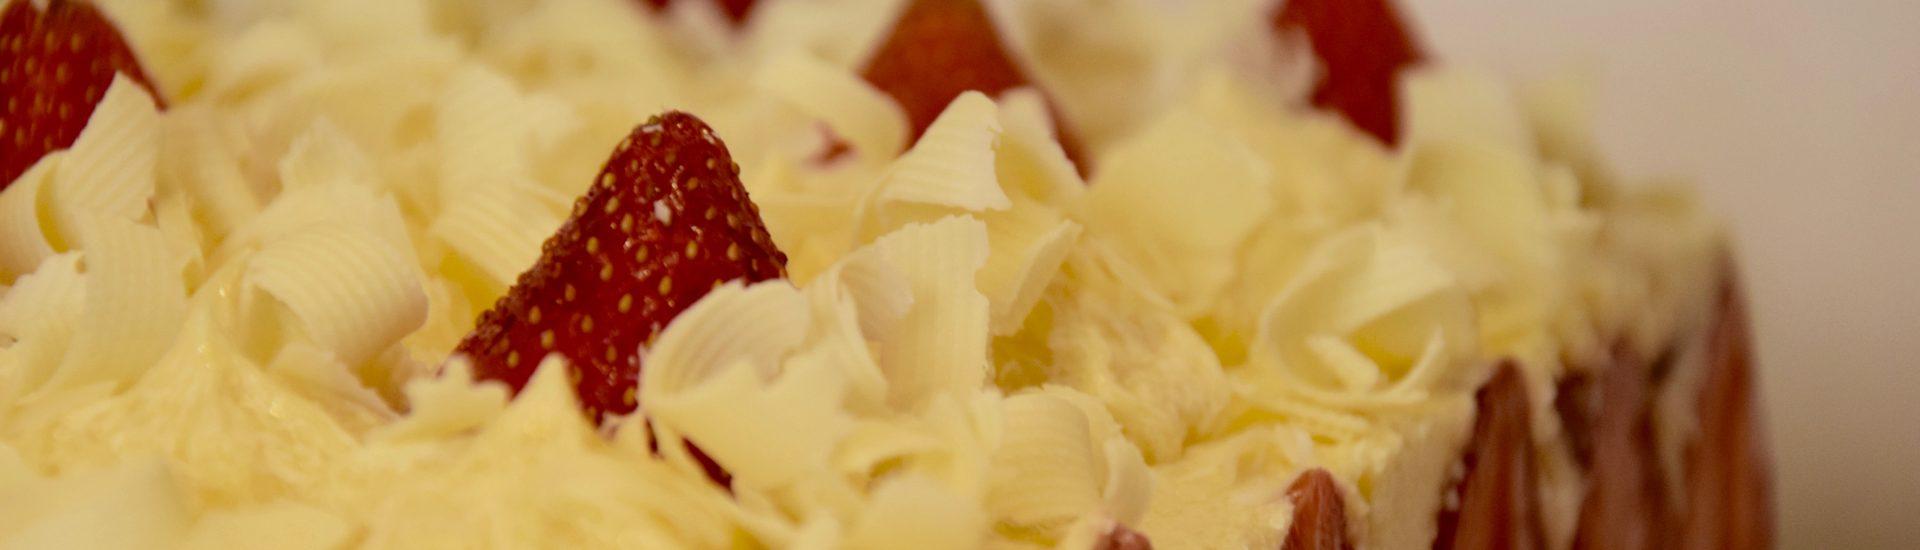 fraisier3